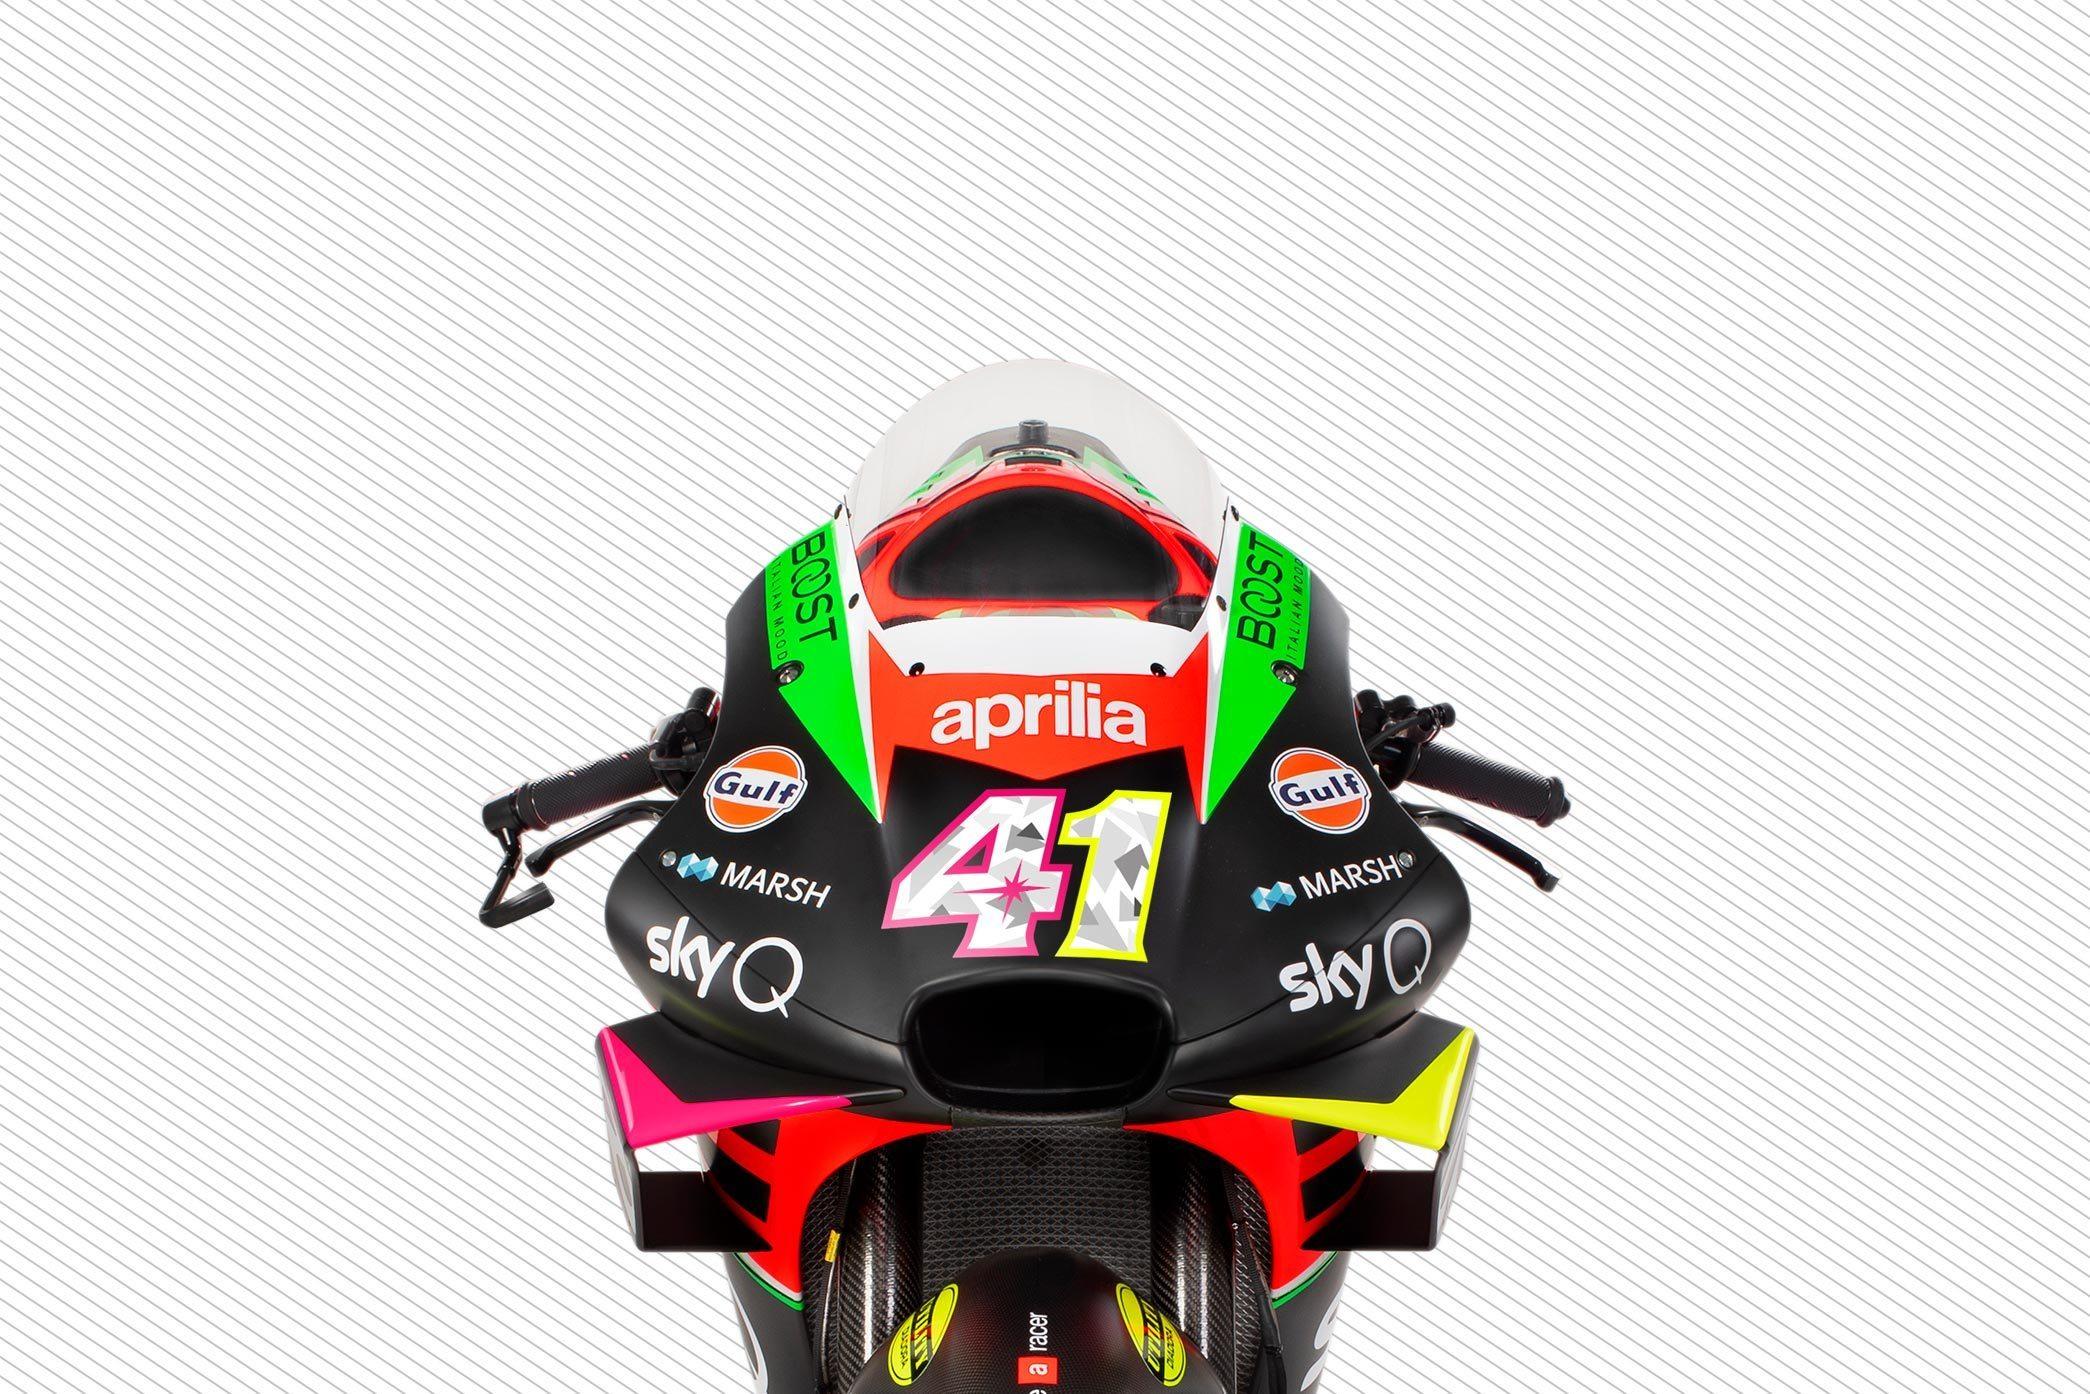 Aprilia Lakukan Ubahan Besar di RS-GP 2020, Tiru Honda dan Ducati